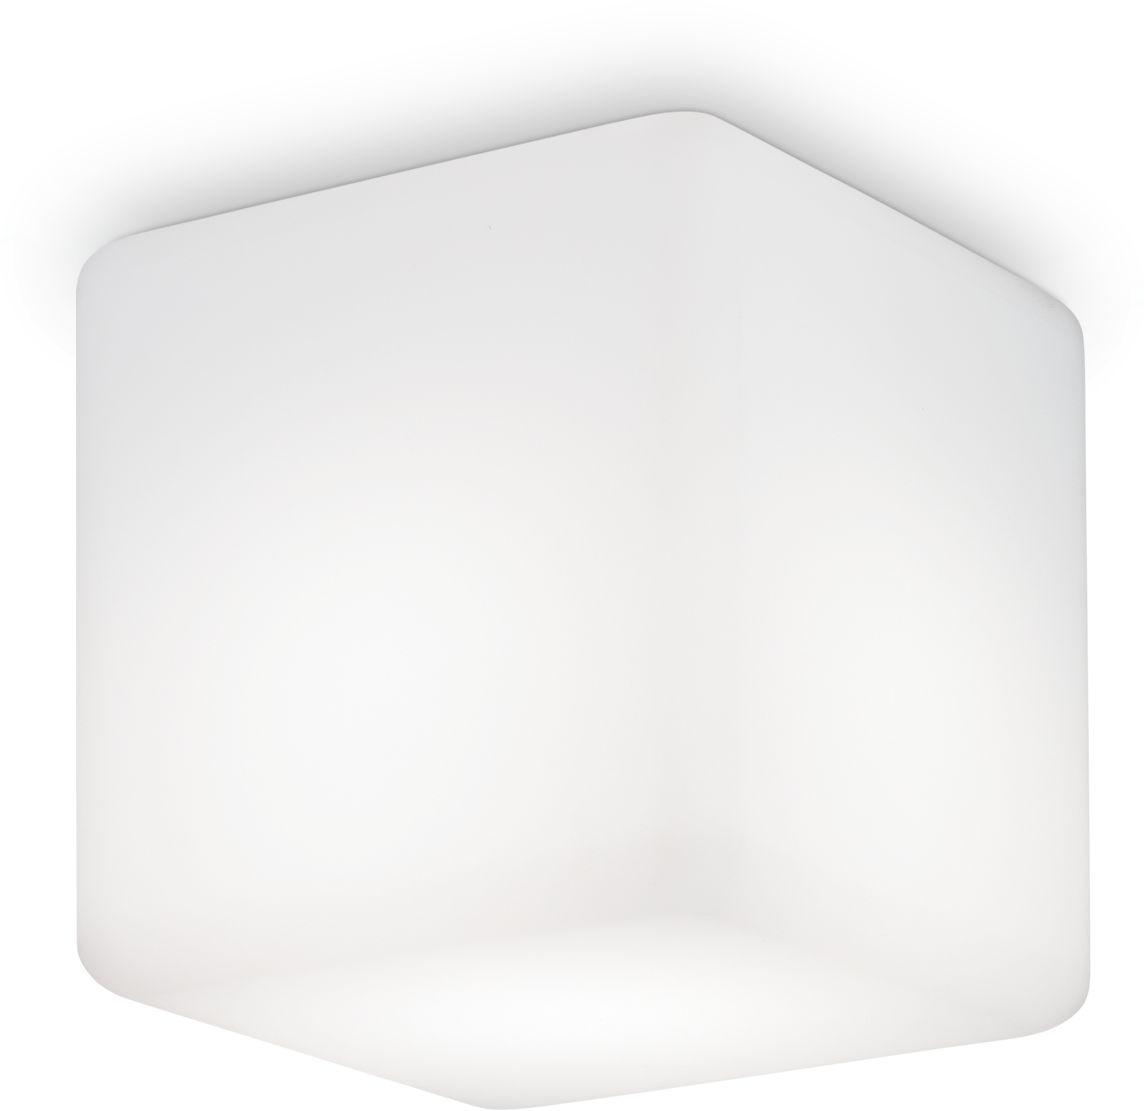 Plafon Luna PL1 Medium 213194 Ideal Lux nowoczesna oprawa sufitowa zewnętrzna w kolorze białym